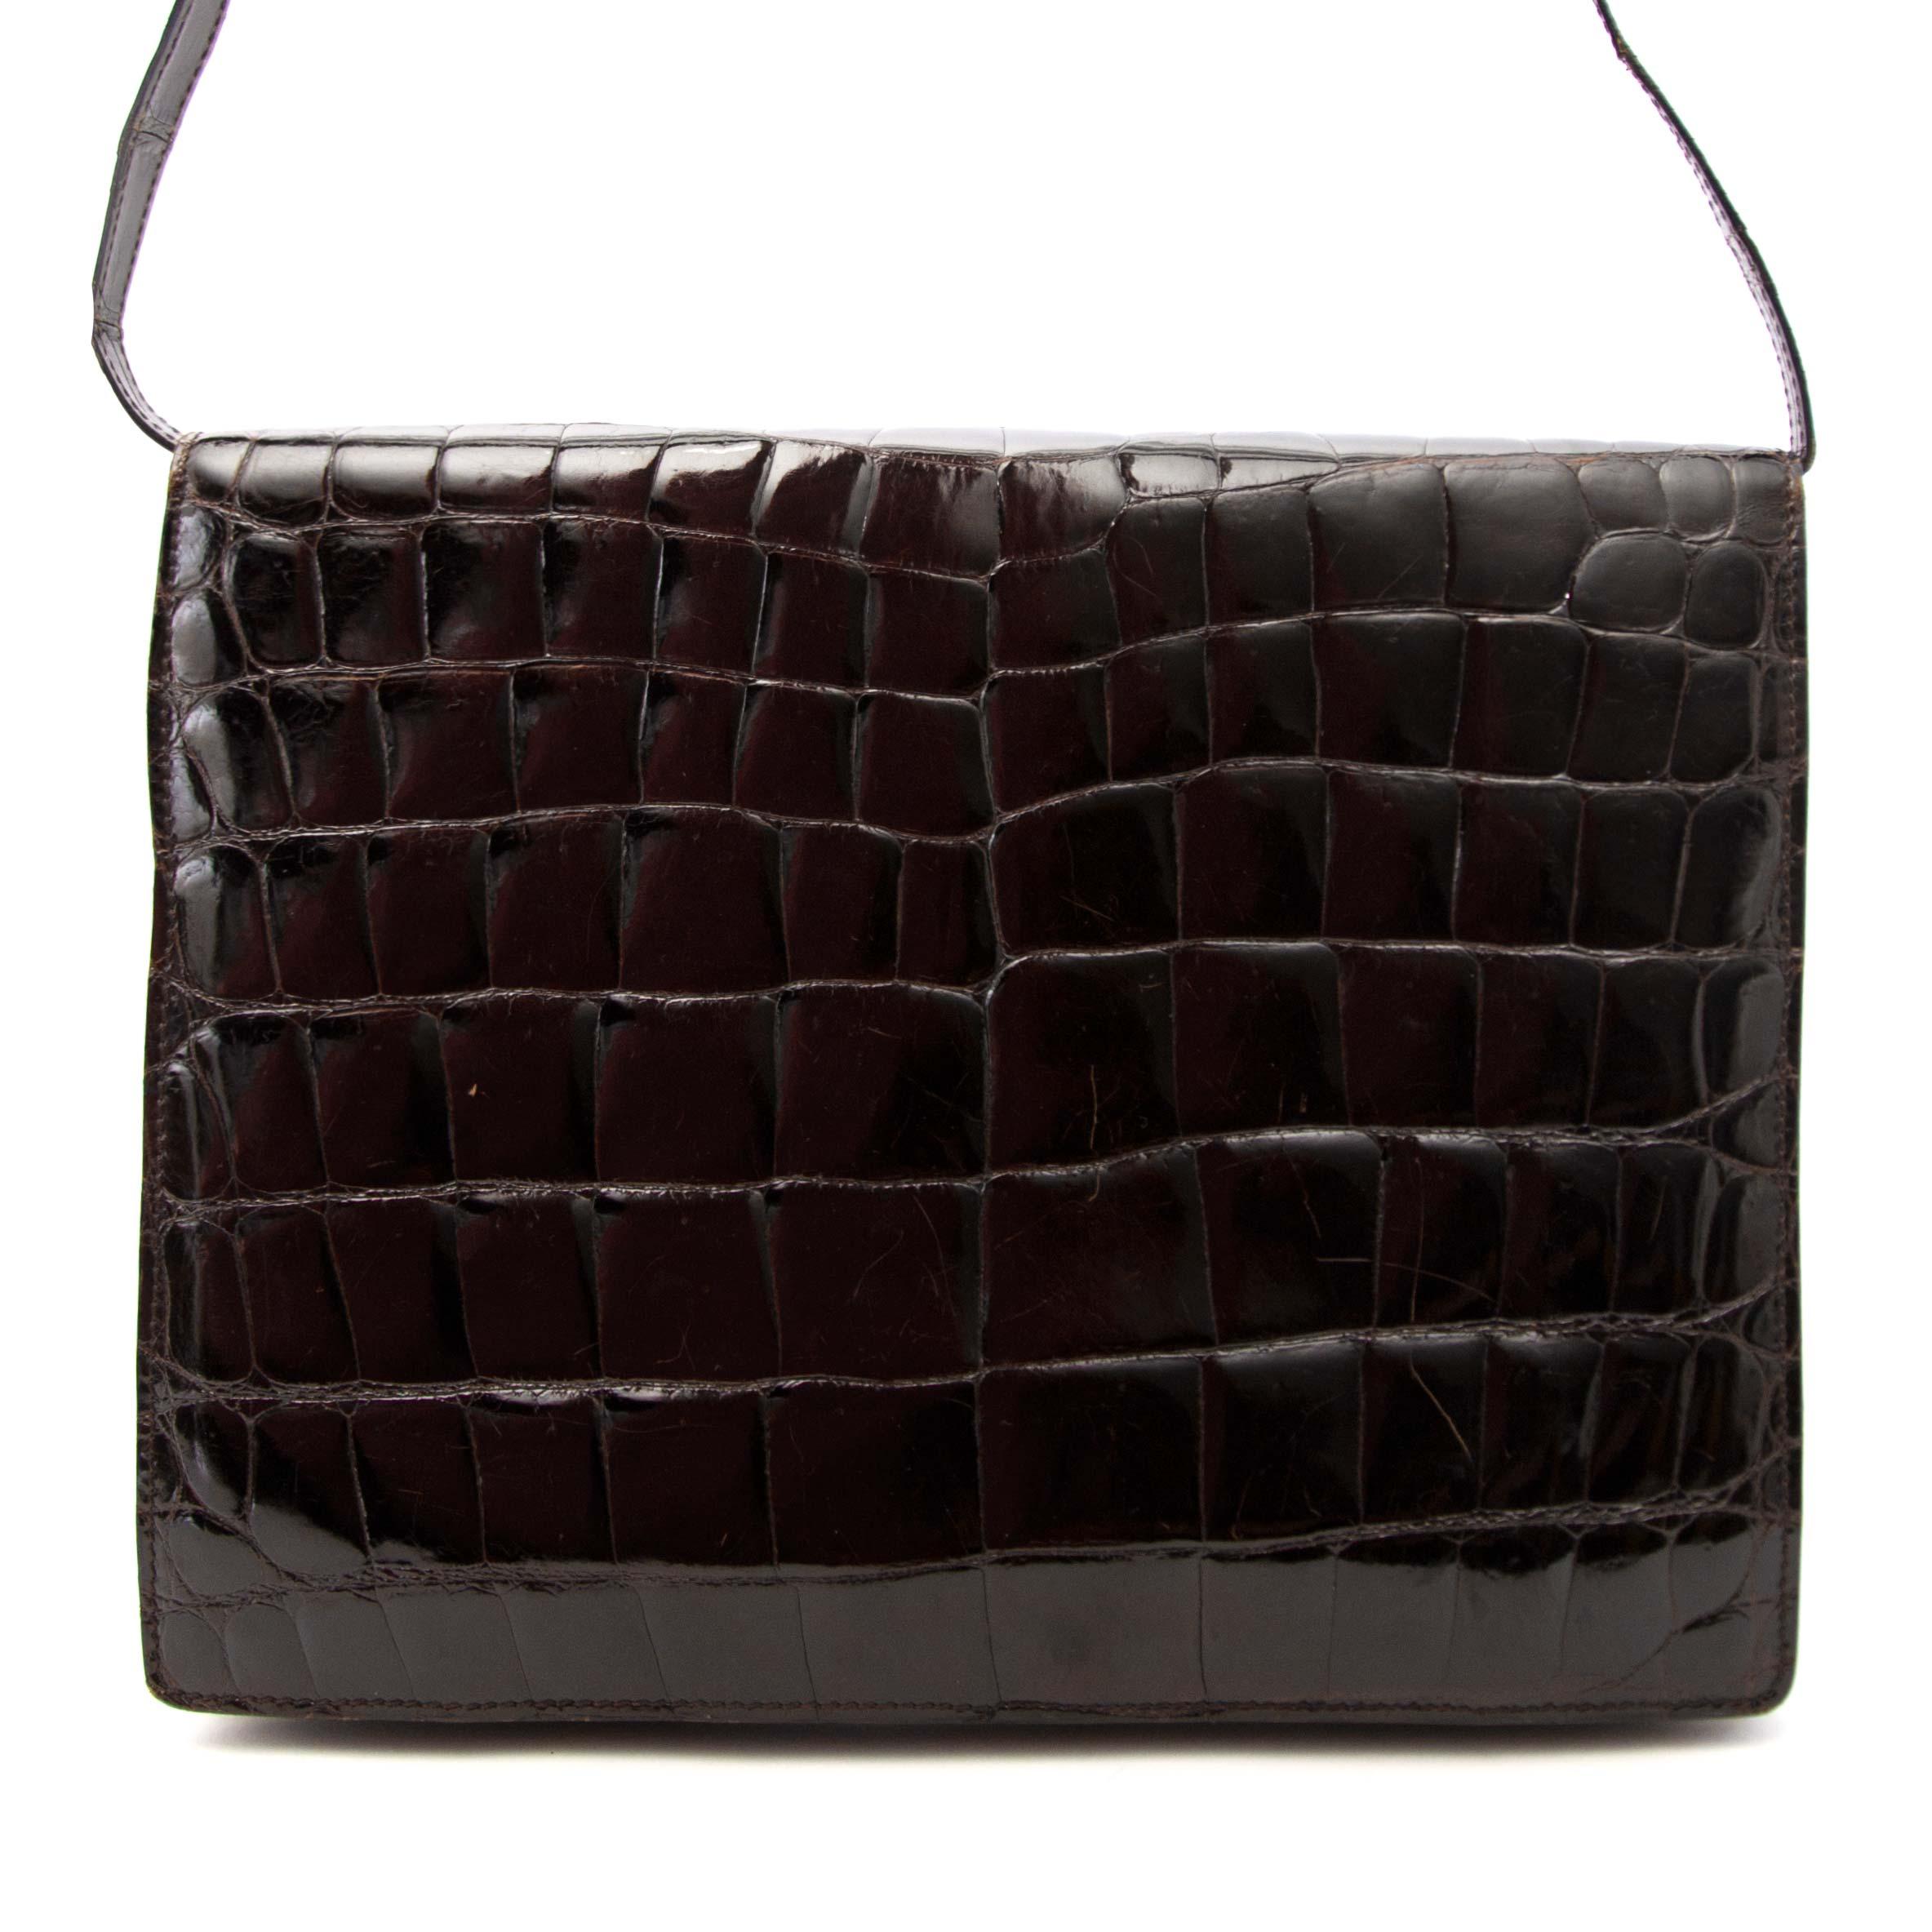 koop online aan de beste prijs Vintage Loewe Brown Croco Clutch